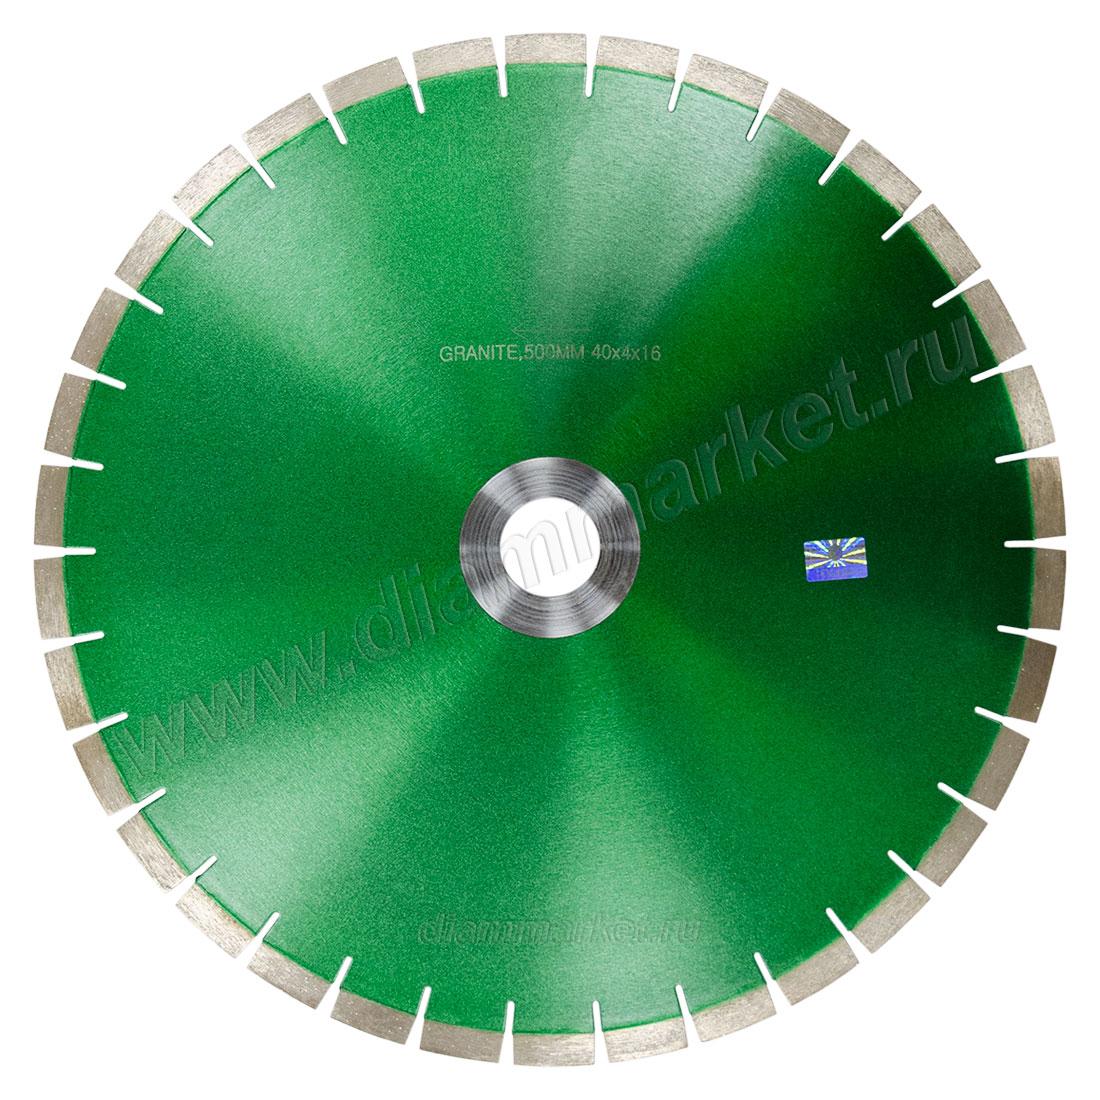 Алмазный диск для болгарки, их виды и классификация по материалу